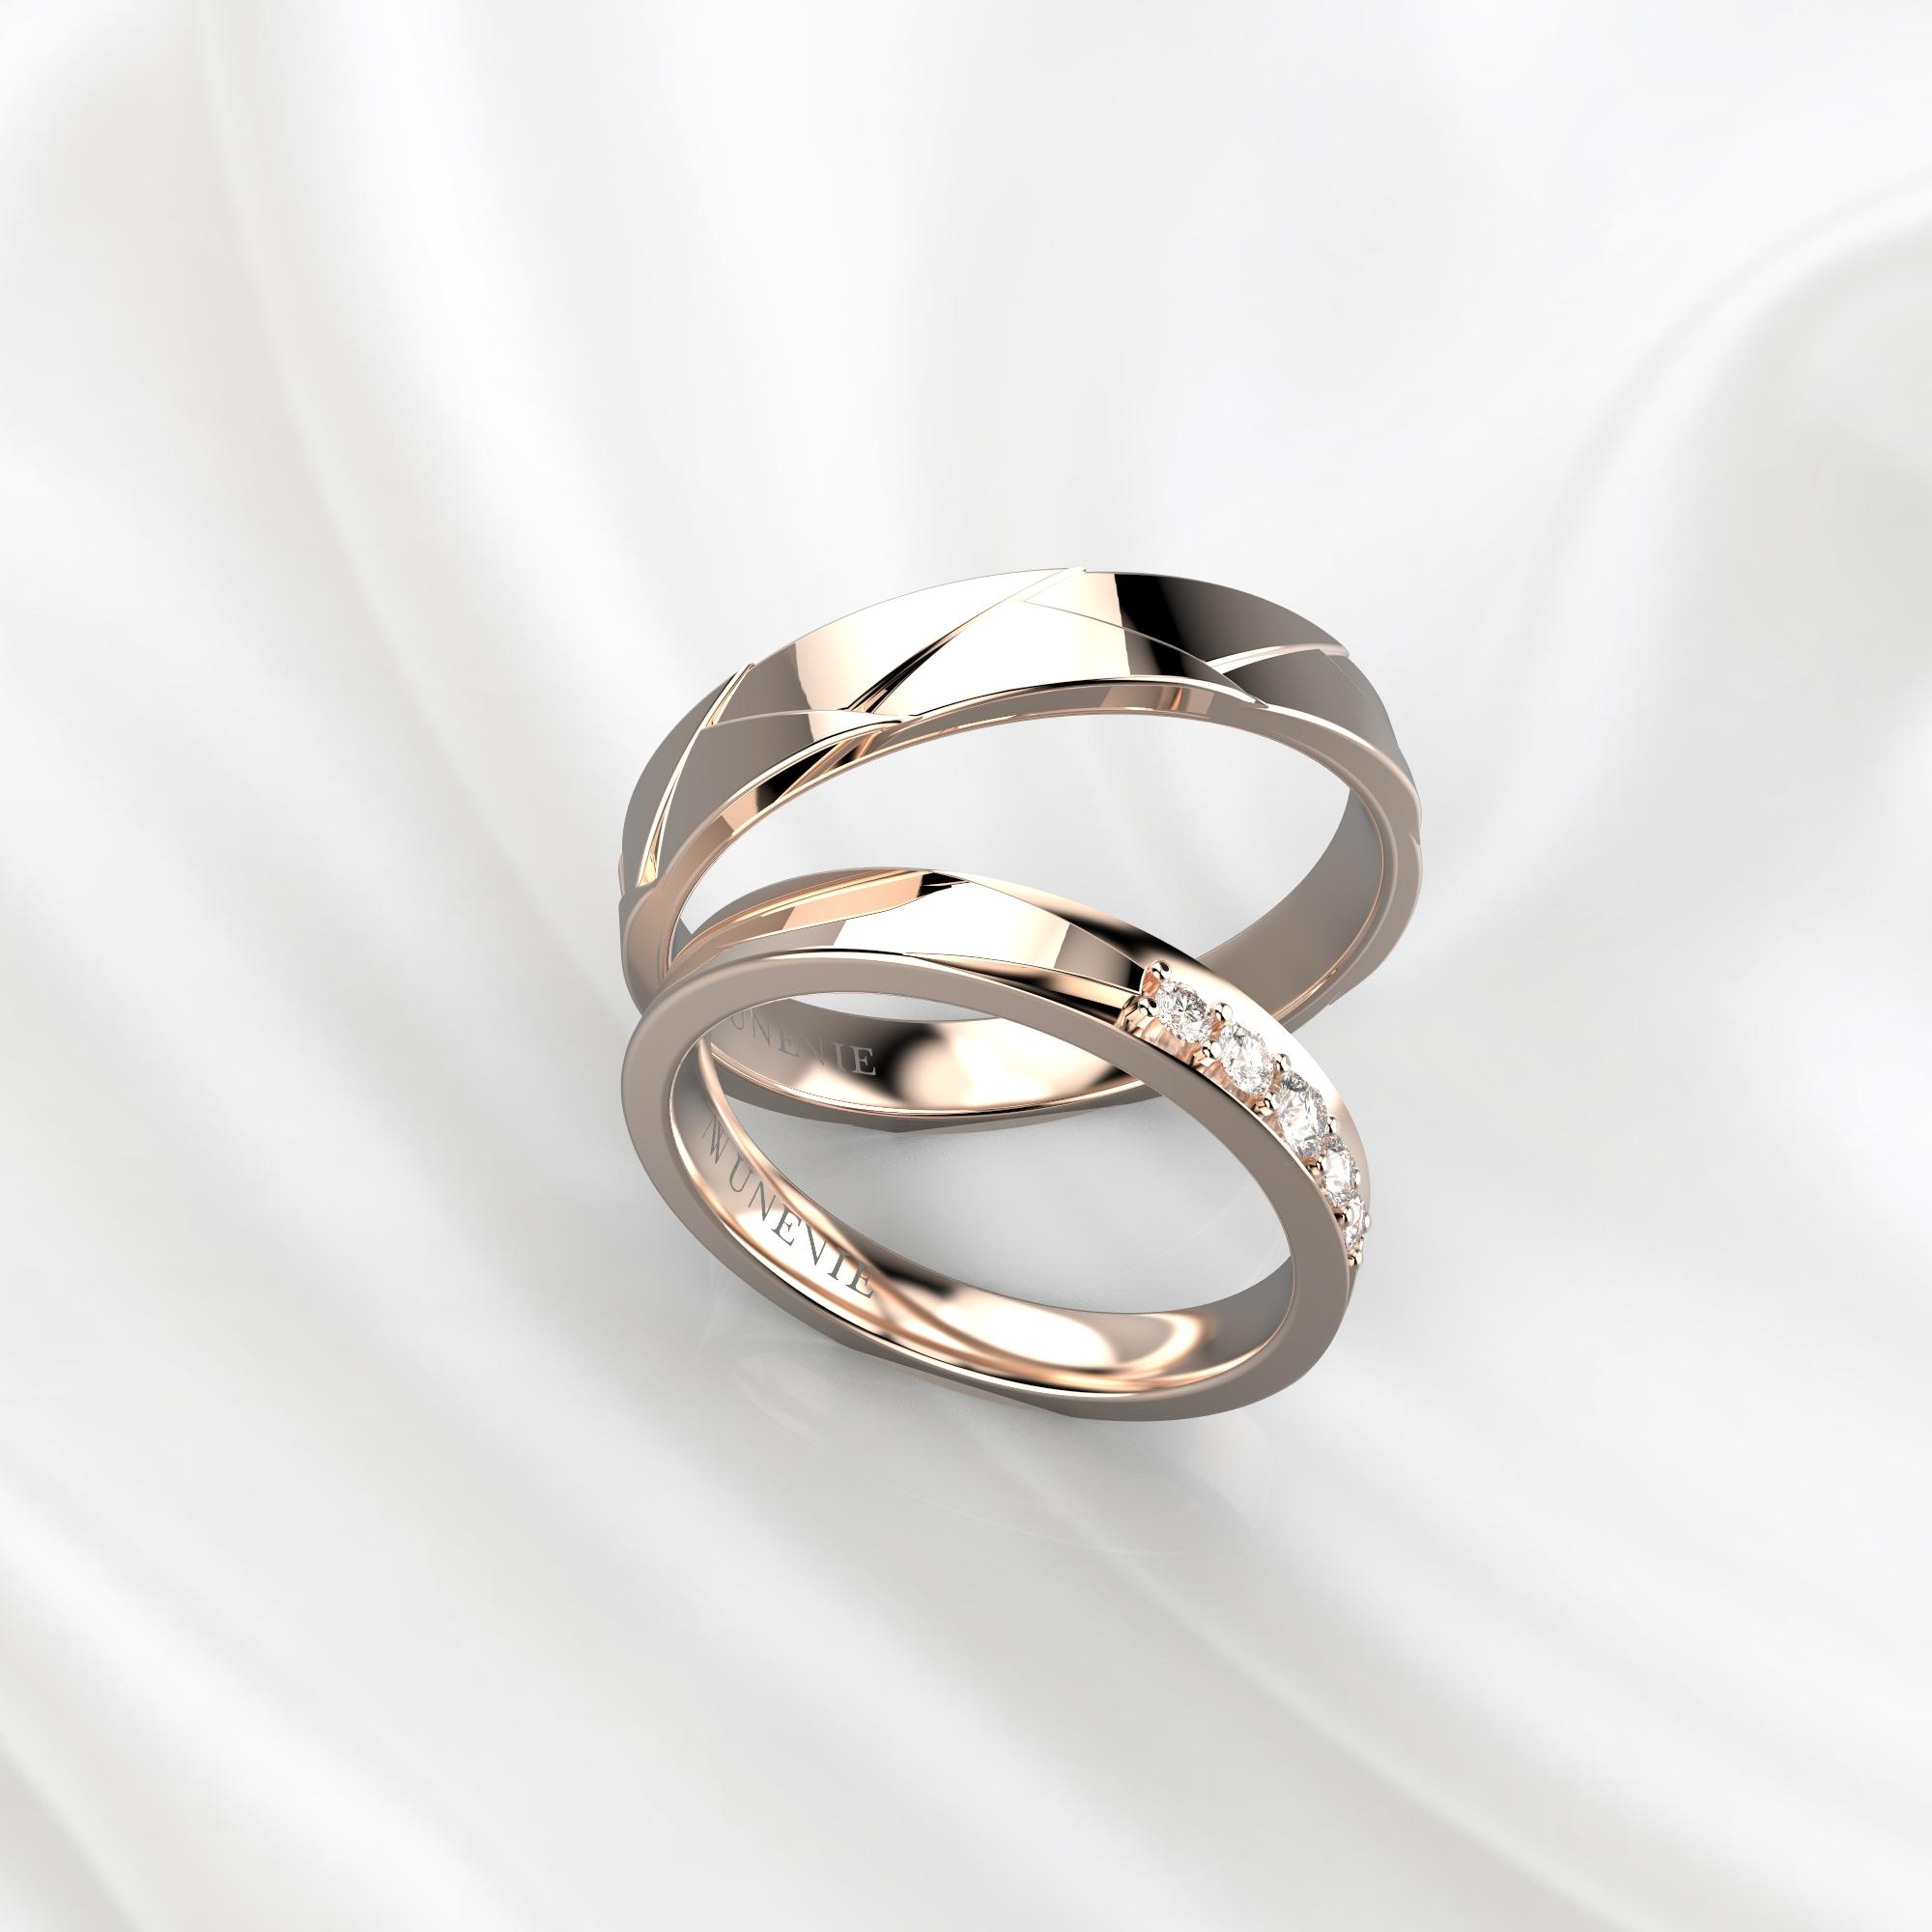 NV82 Парные обручальные кольца из розового золота с бриллиантами